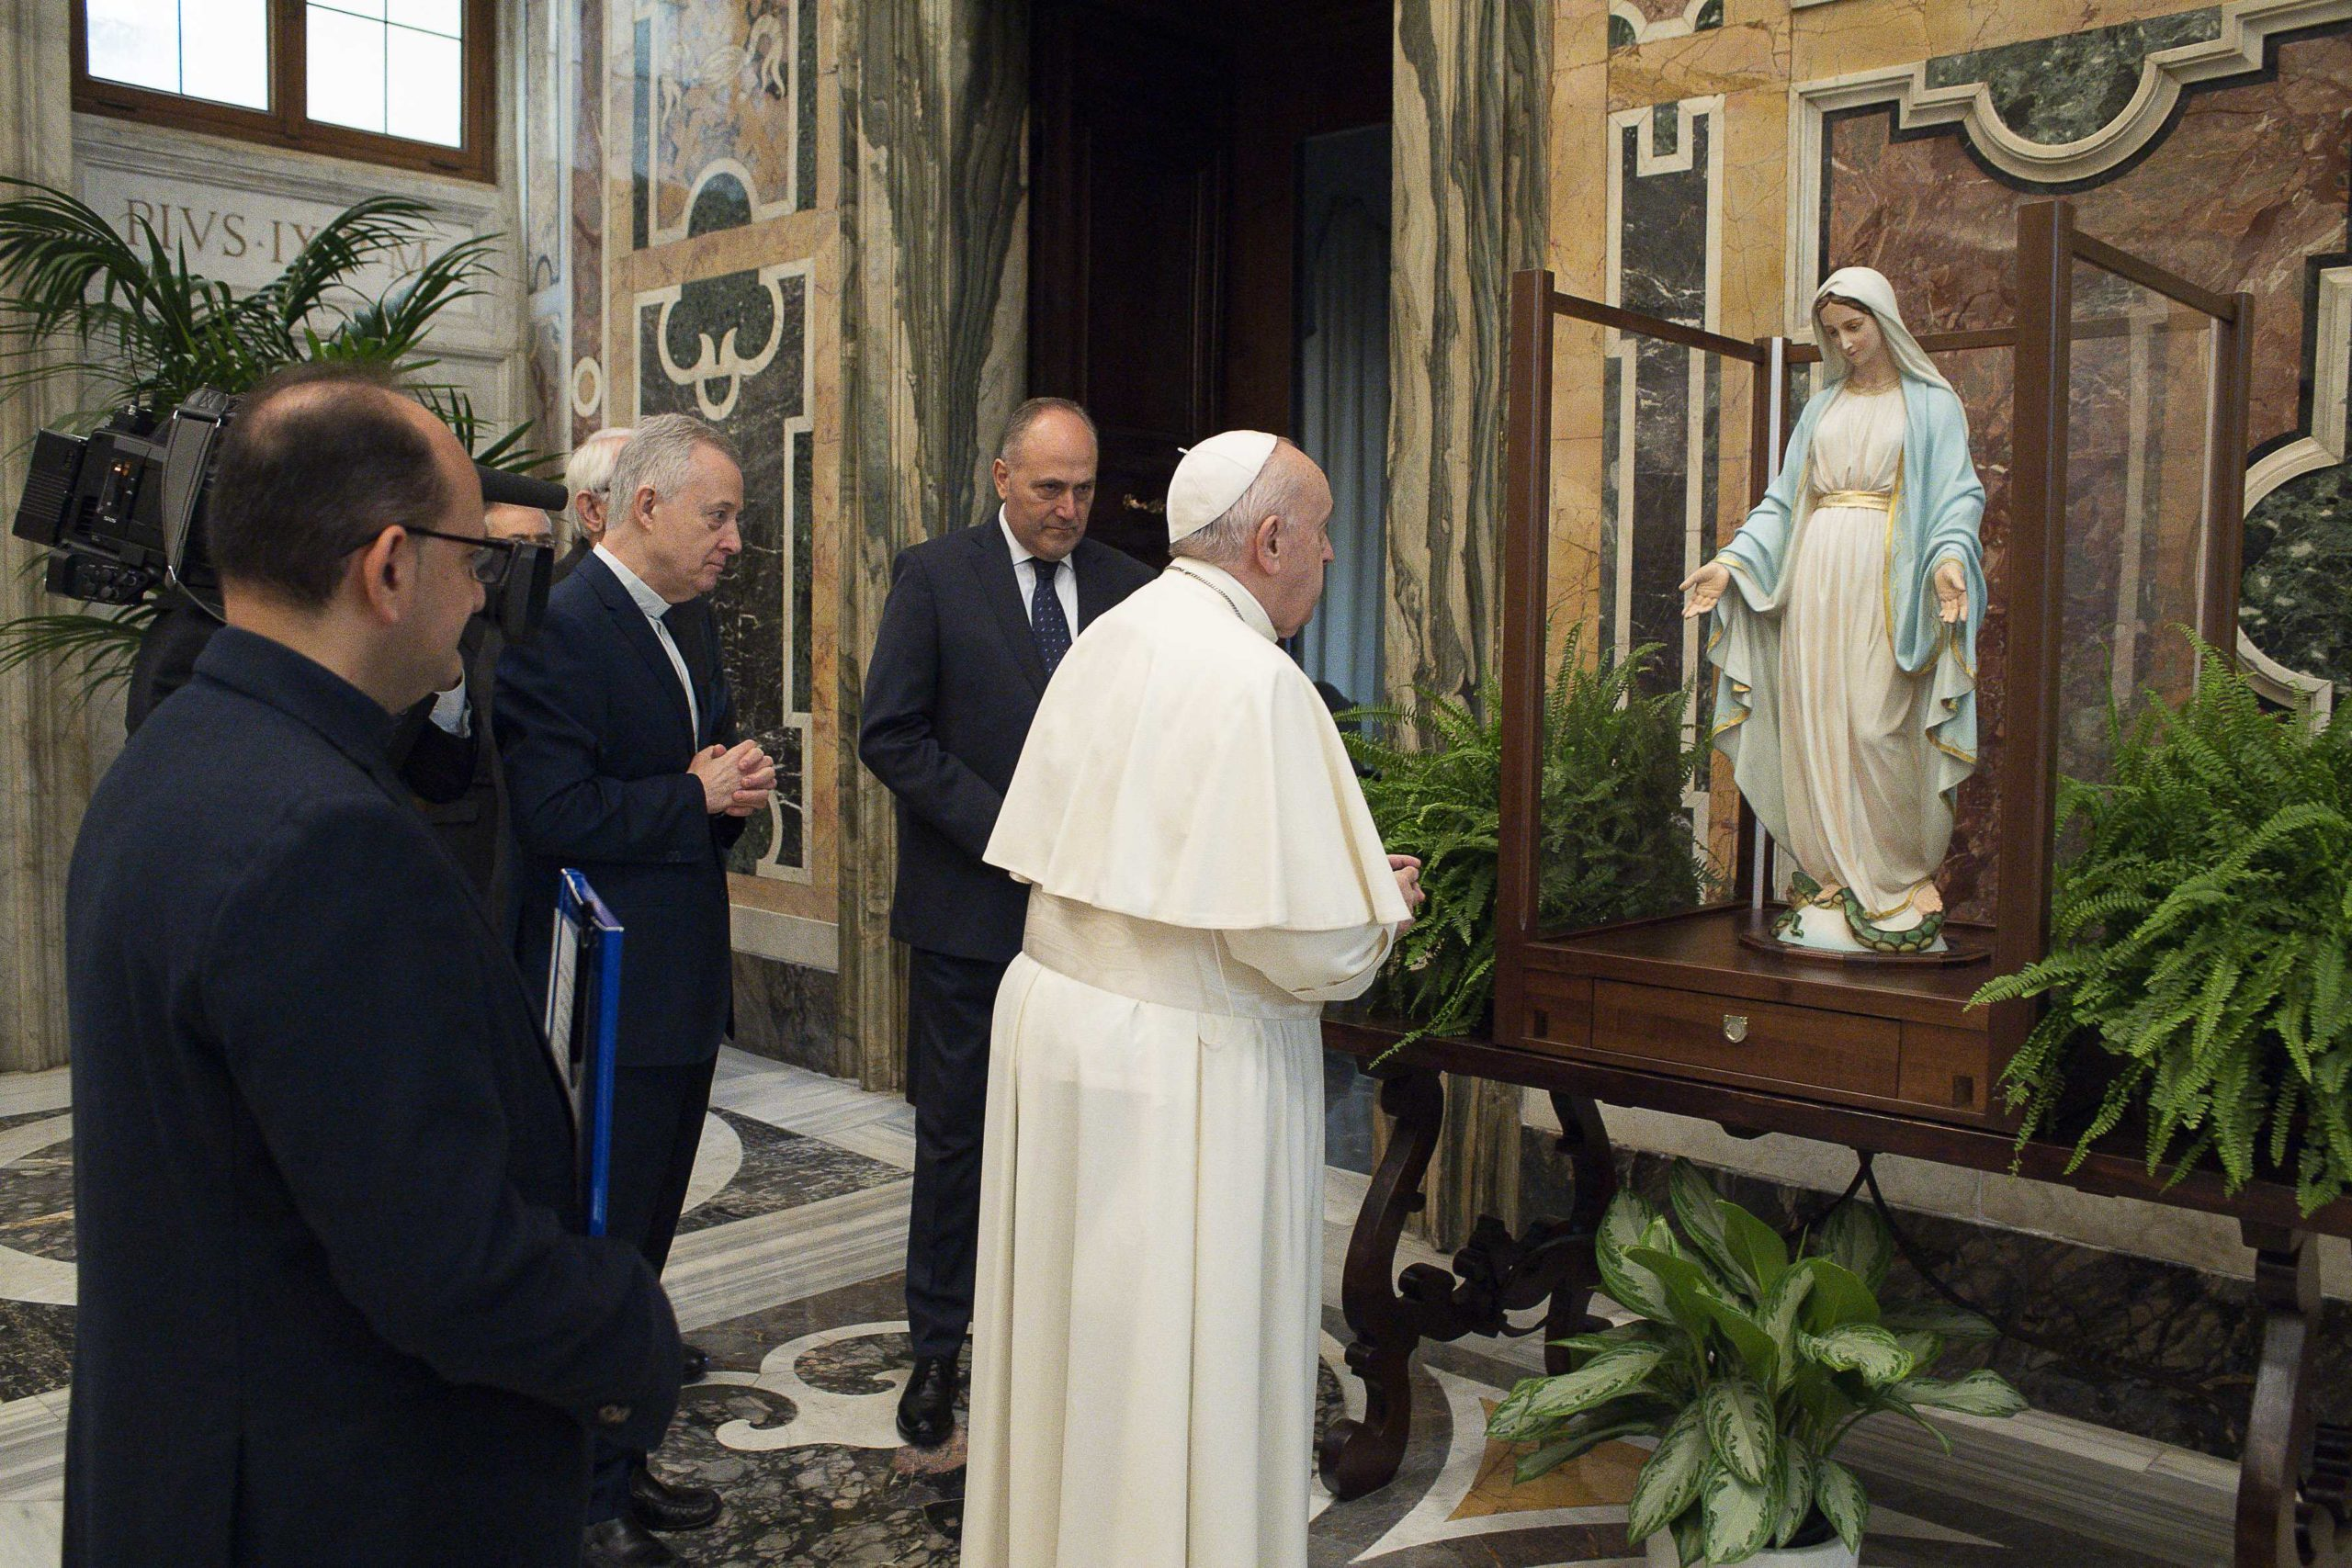 Délégation de la famille vincentienne pour la bénédiction de la statue de la Médaille miraculeuse, 11 nov. 2020 ©Vatican Media